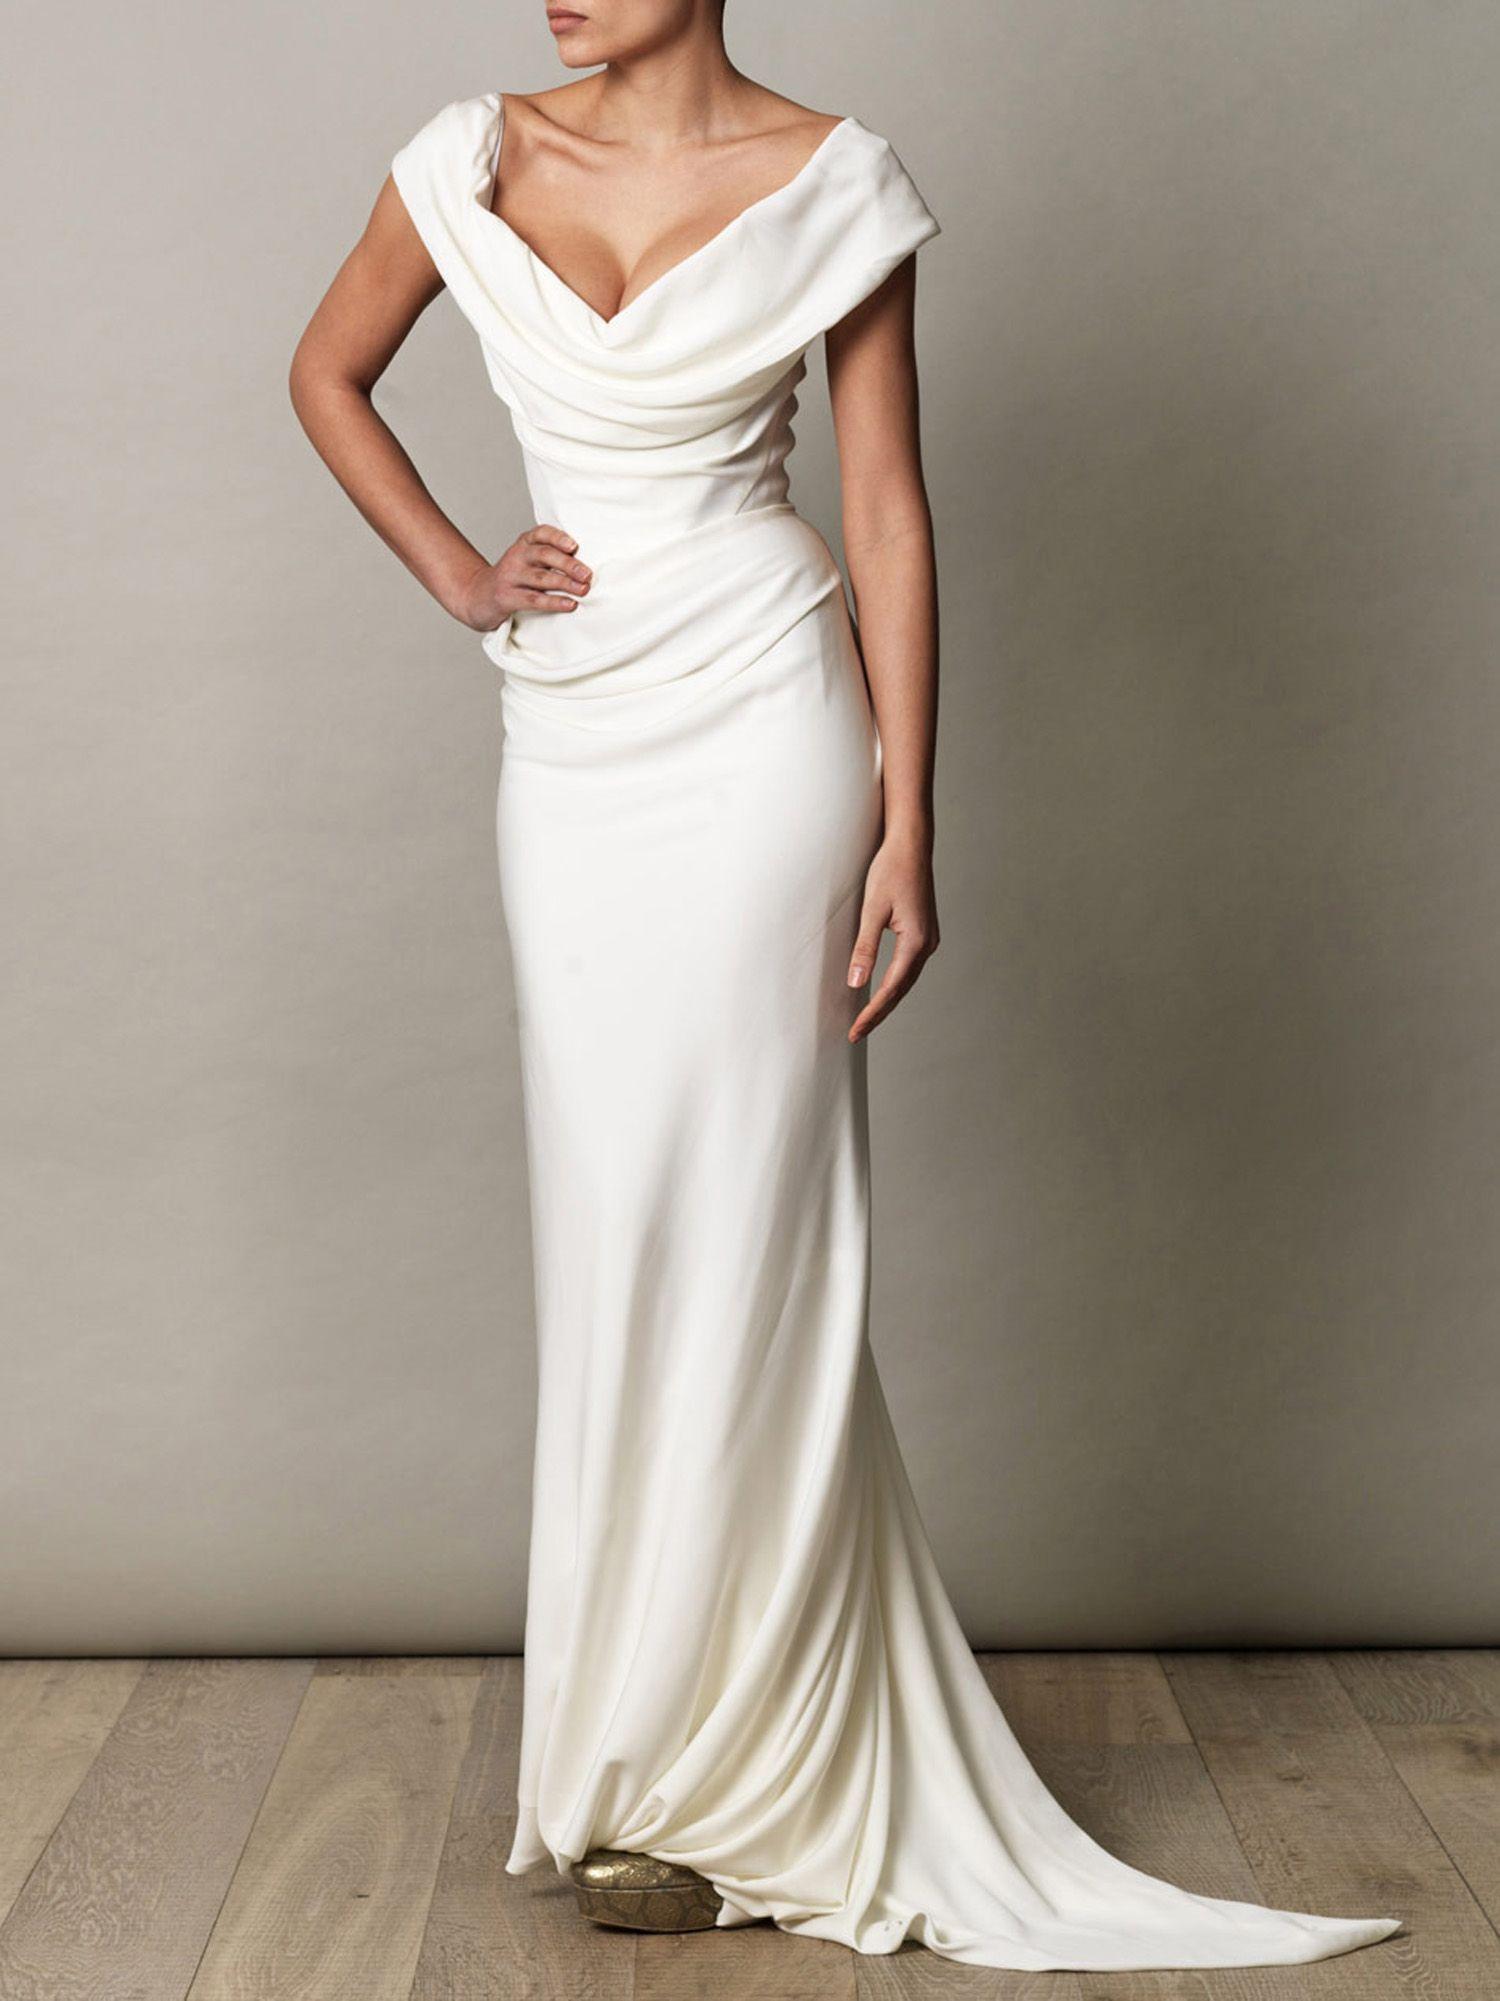 Vivienne westwood wedding dress  Robe maxi décolleté  Vivienne Westwood  mariage magnifique